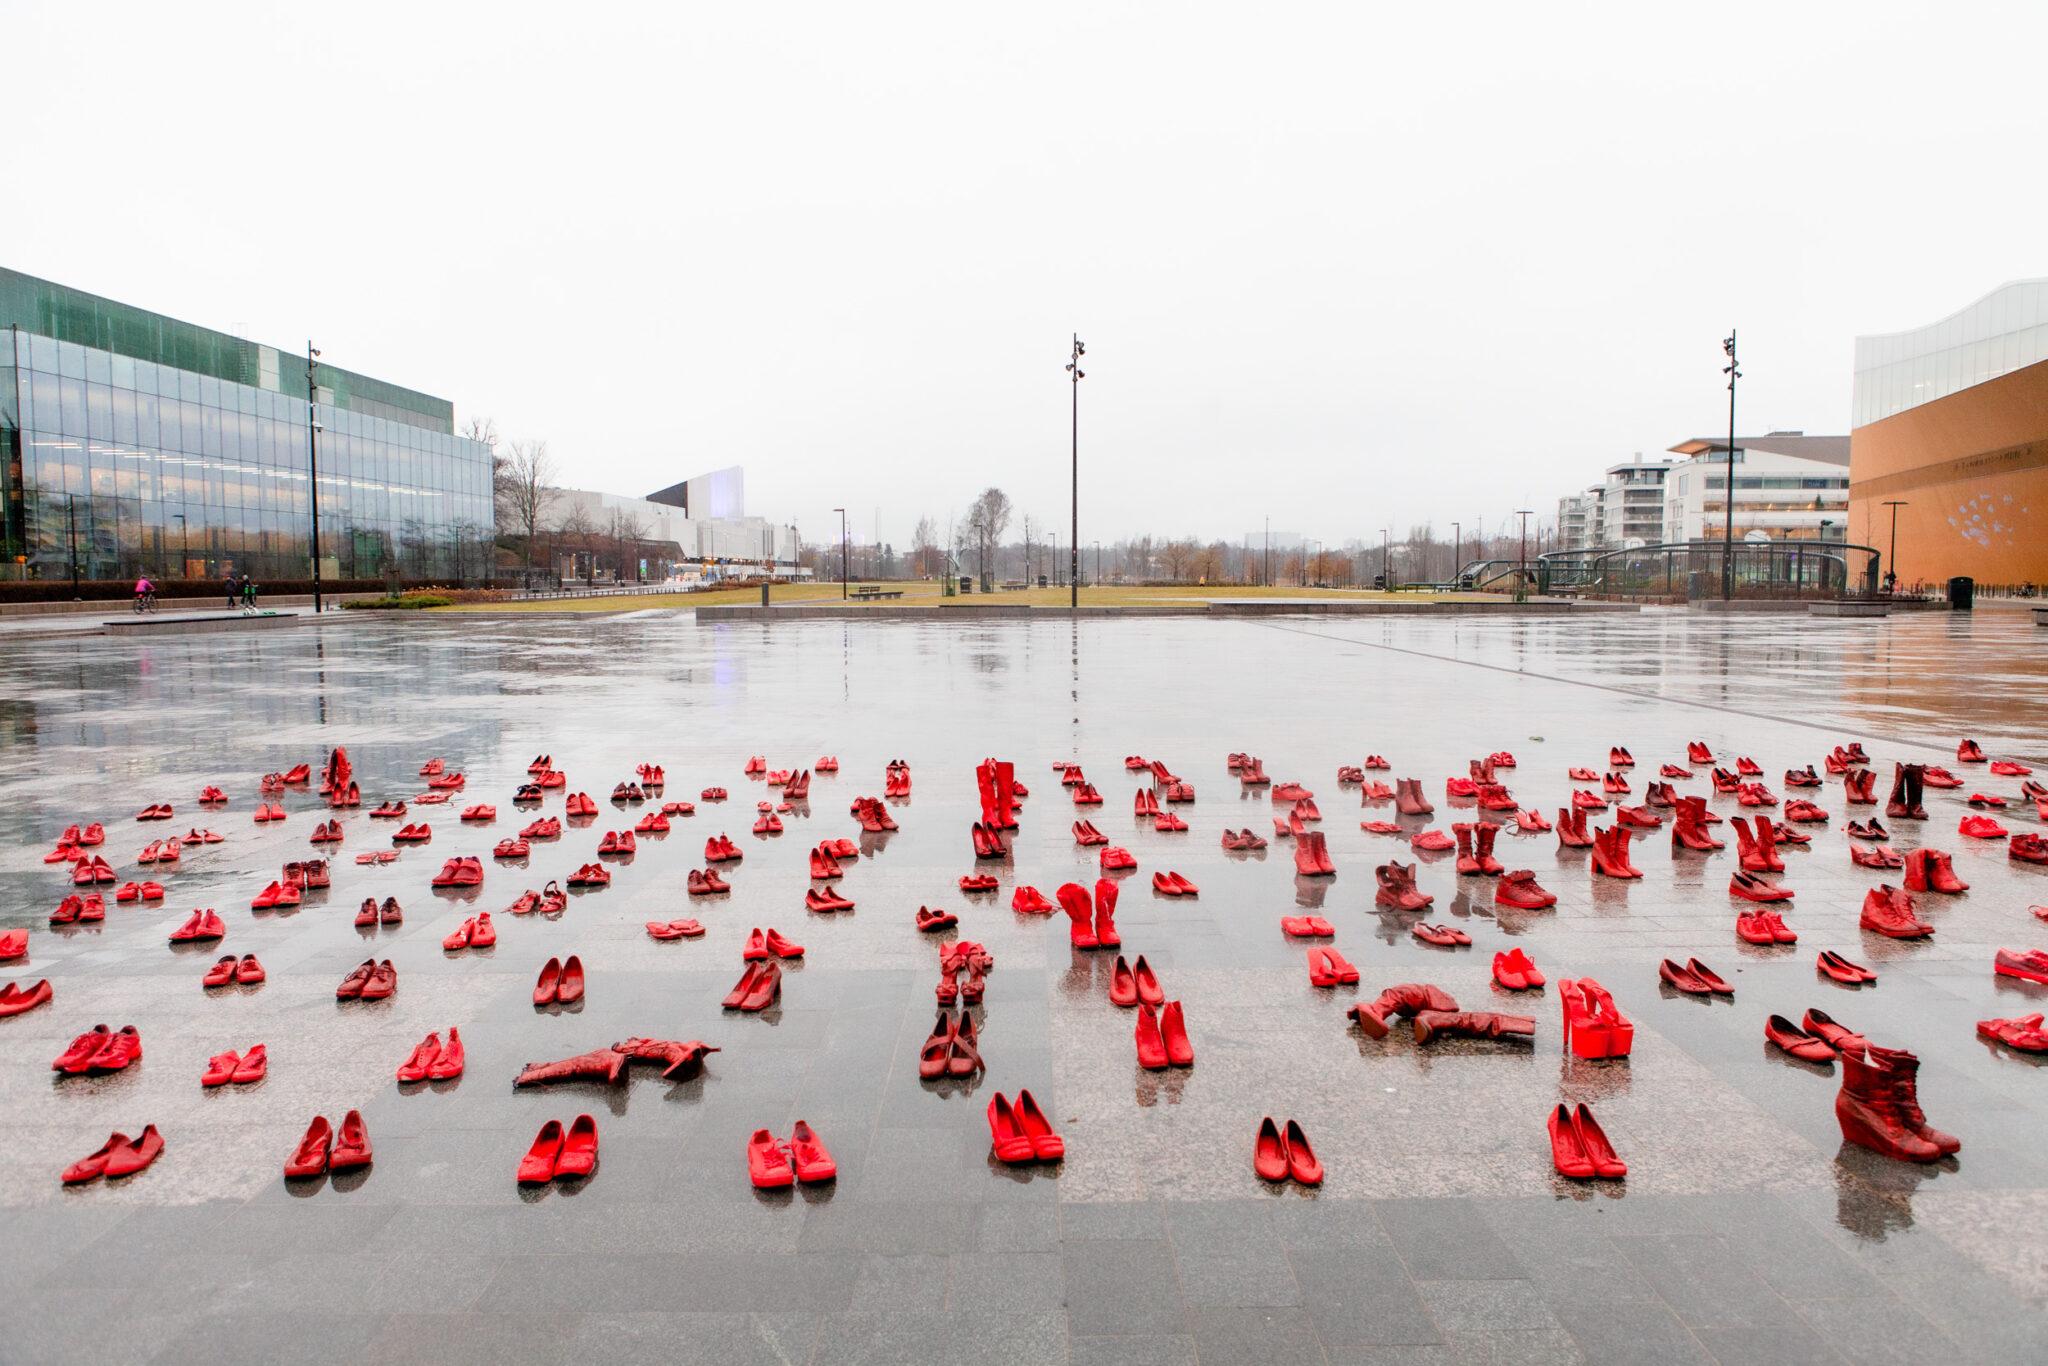 Monia punaiseksi maalattuja kenkiä aseteltuna sateen kastelemalle asfaltille. Taustalla Musiikkitalo ja Oodi.